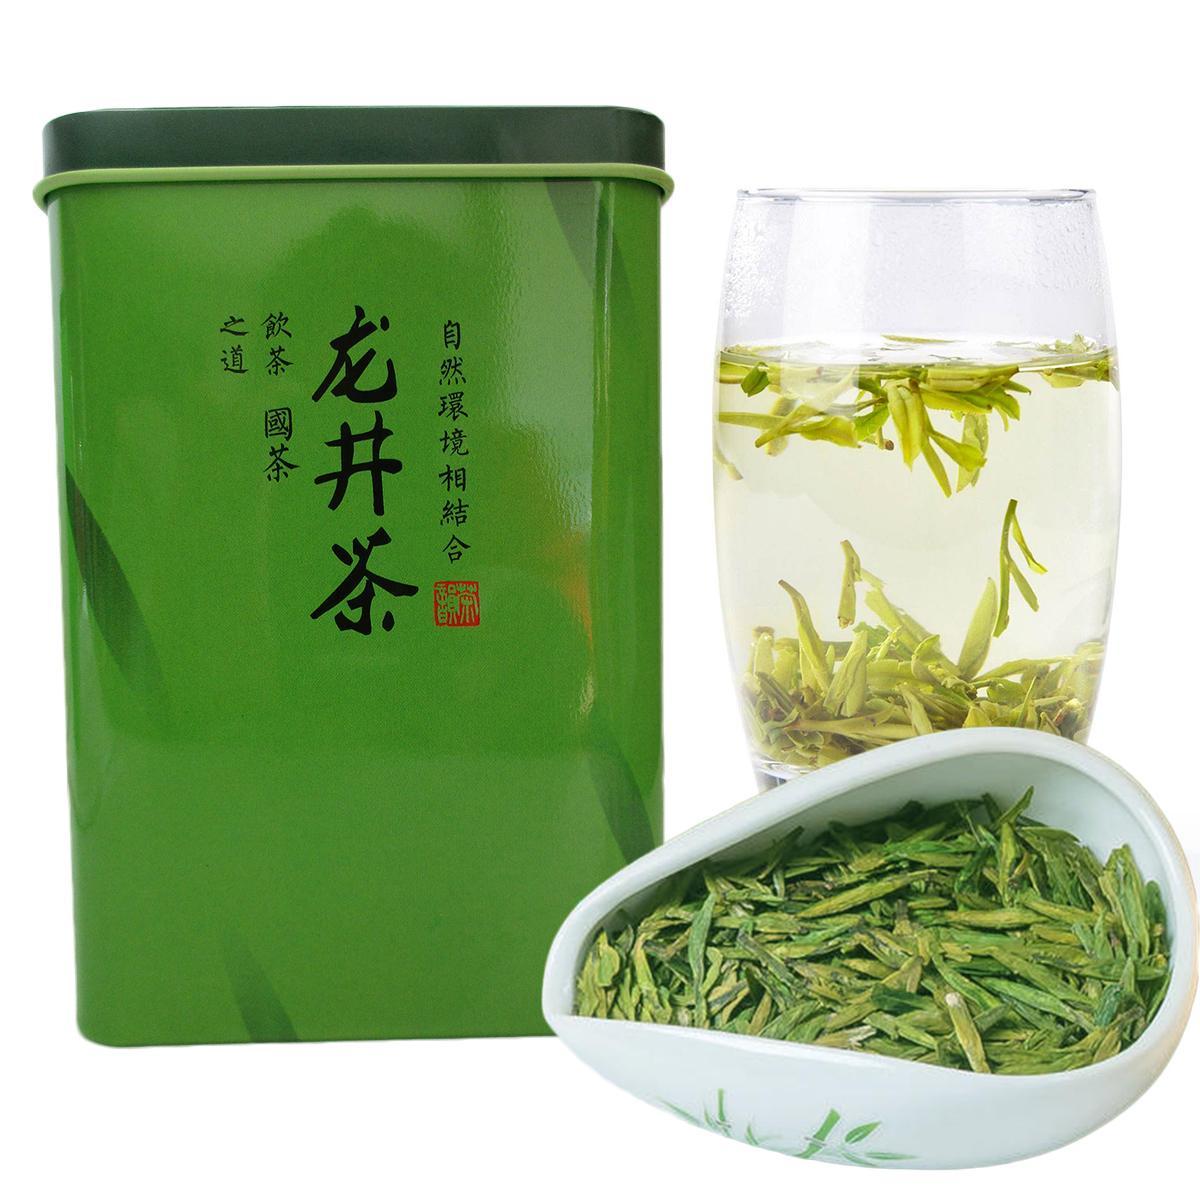 180g organico cinese West Lake Longjing del pozzo del drago aromatico tè verde sanità Early Spring Tea Nuova profumato tè verde regalo pacco alimentare